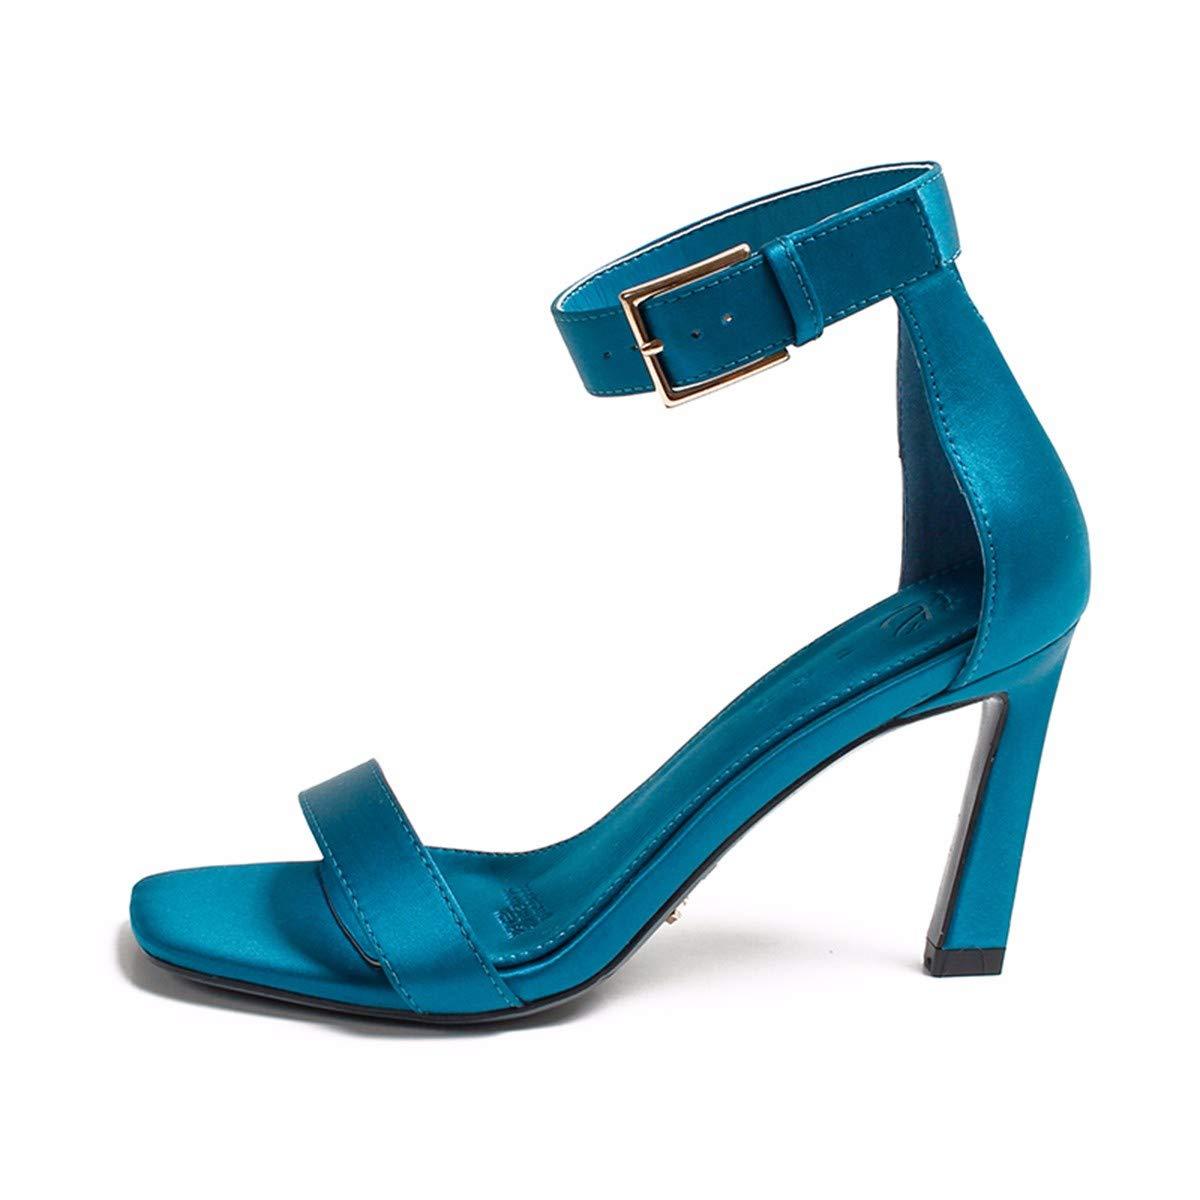 KPHY Damenschuhe/Sommer Damenschuhe Katze Und Schuhe Gürtel 8Cm Hochhackigen Schuhe Und Dünne Sohle Die Den Sandalen.39 Blaue Farbe - fd349a